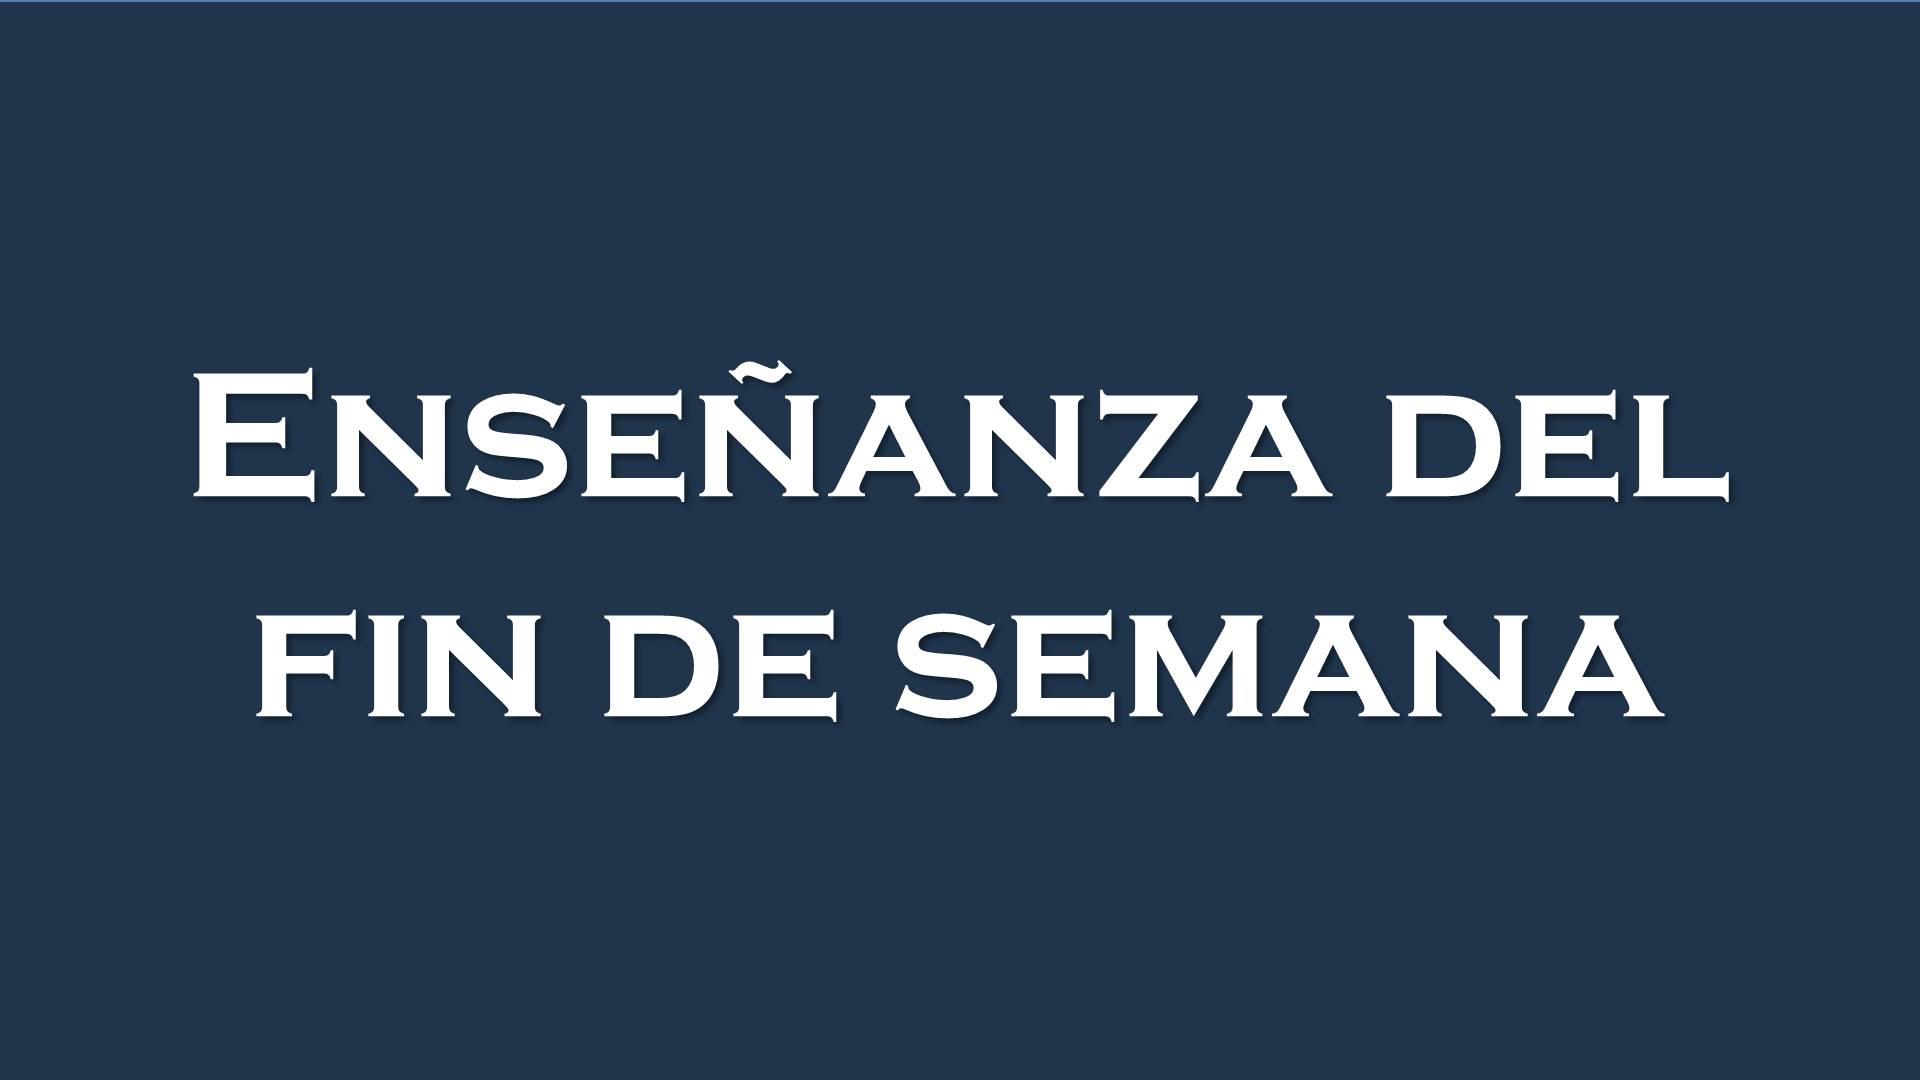 FinDeSemana